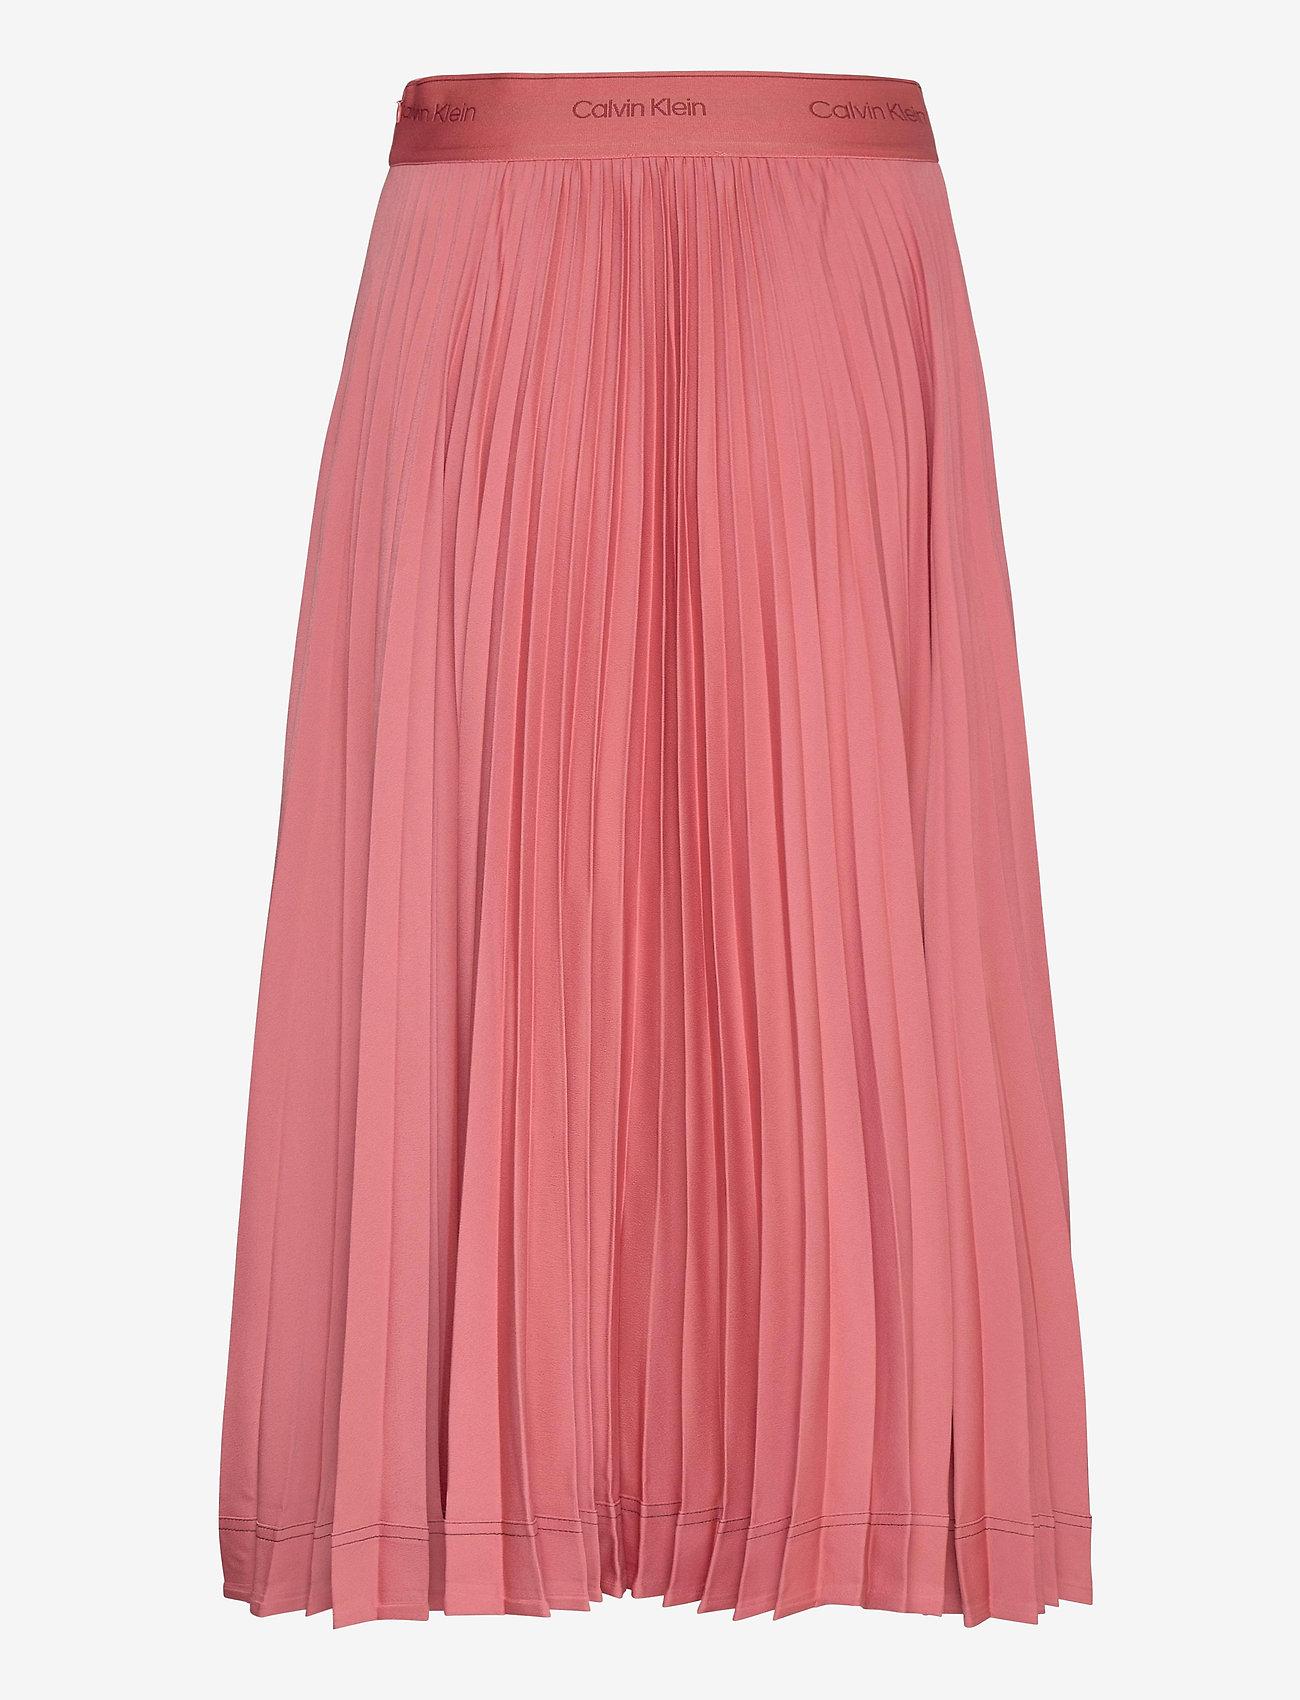 Sunray Pleat Midi Skirt (Antique Pink) (1500 kr) - Calvin Klein